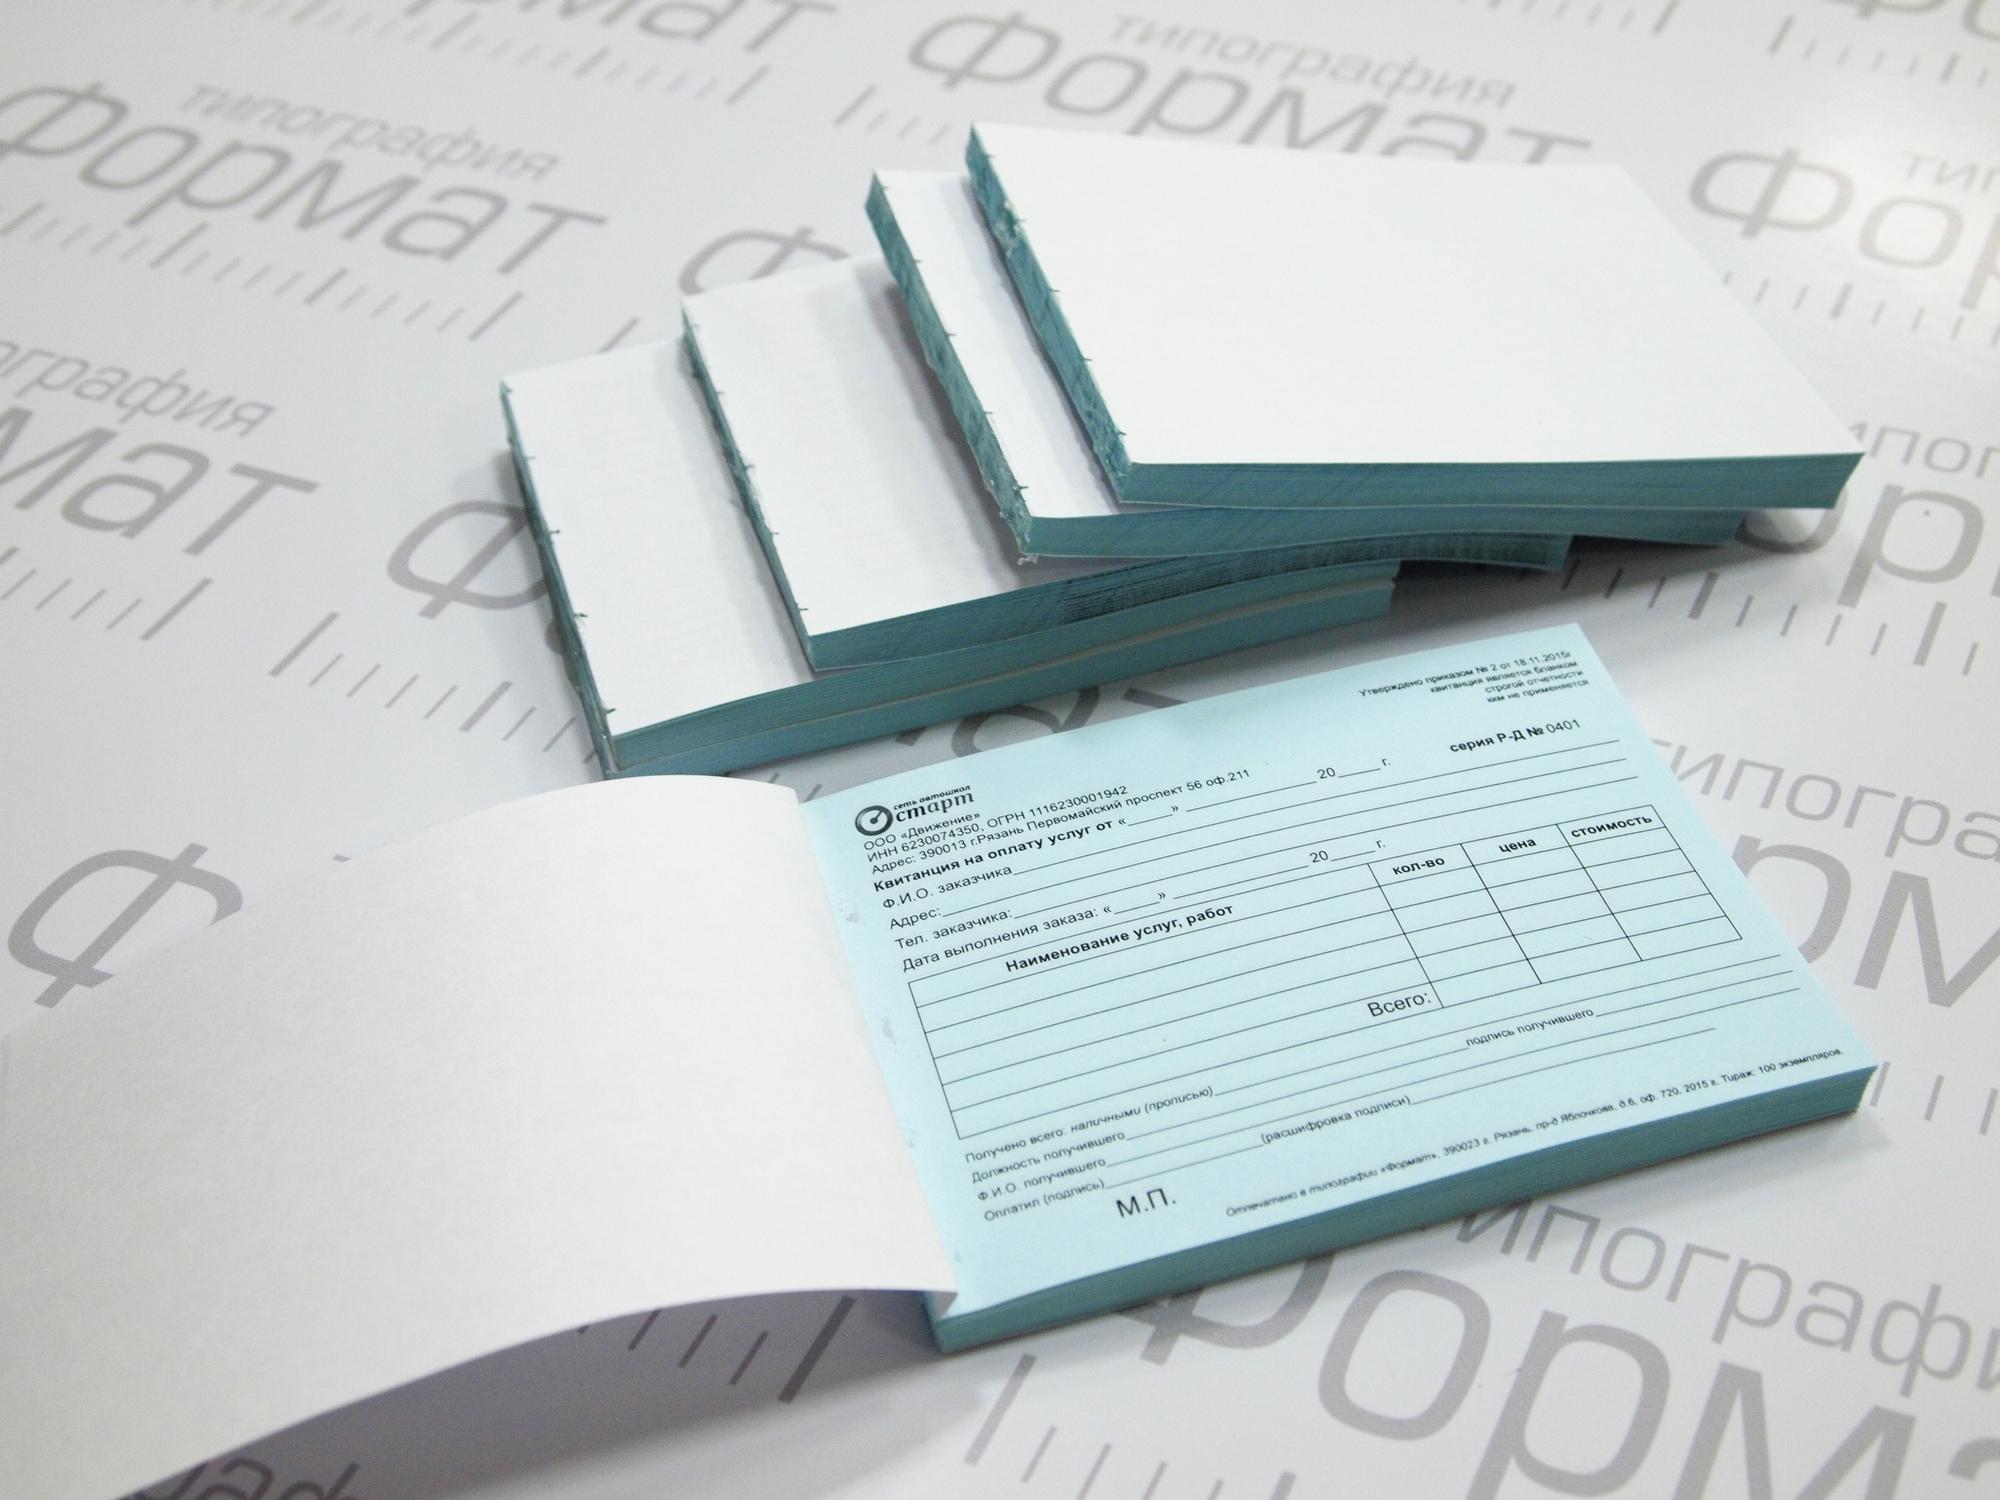 печать нескольких бланков строгой отчетности